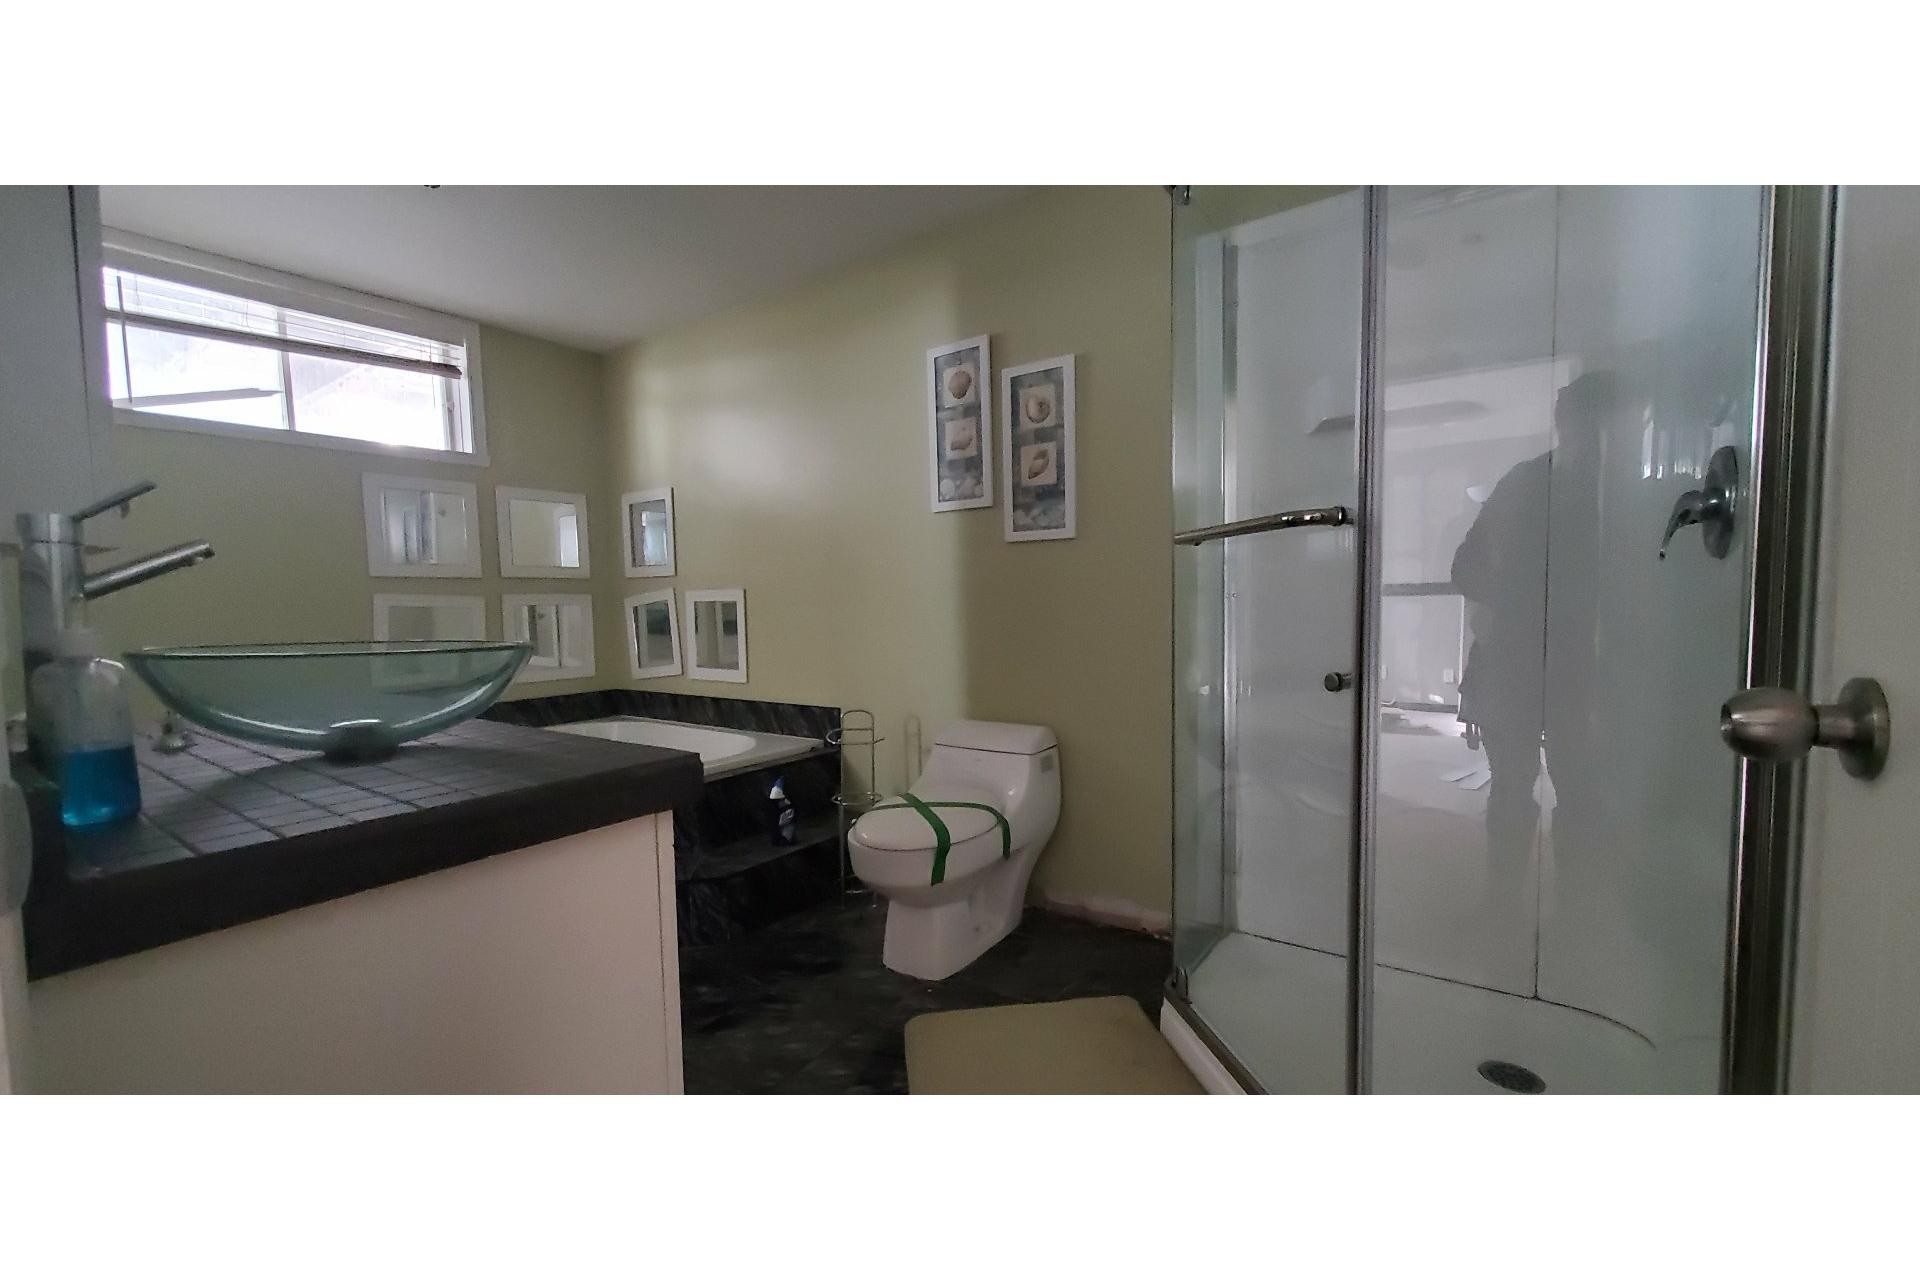 image 7 - House For sale Trois-Rivières - 7 rooms